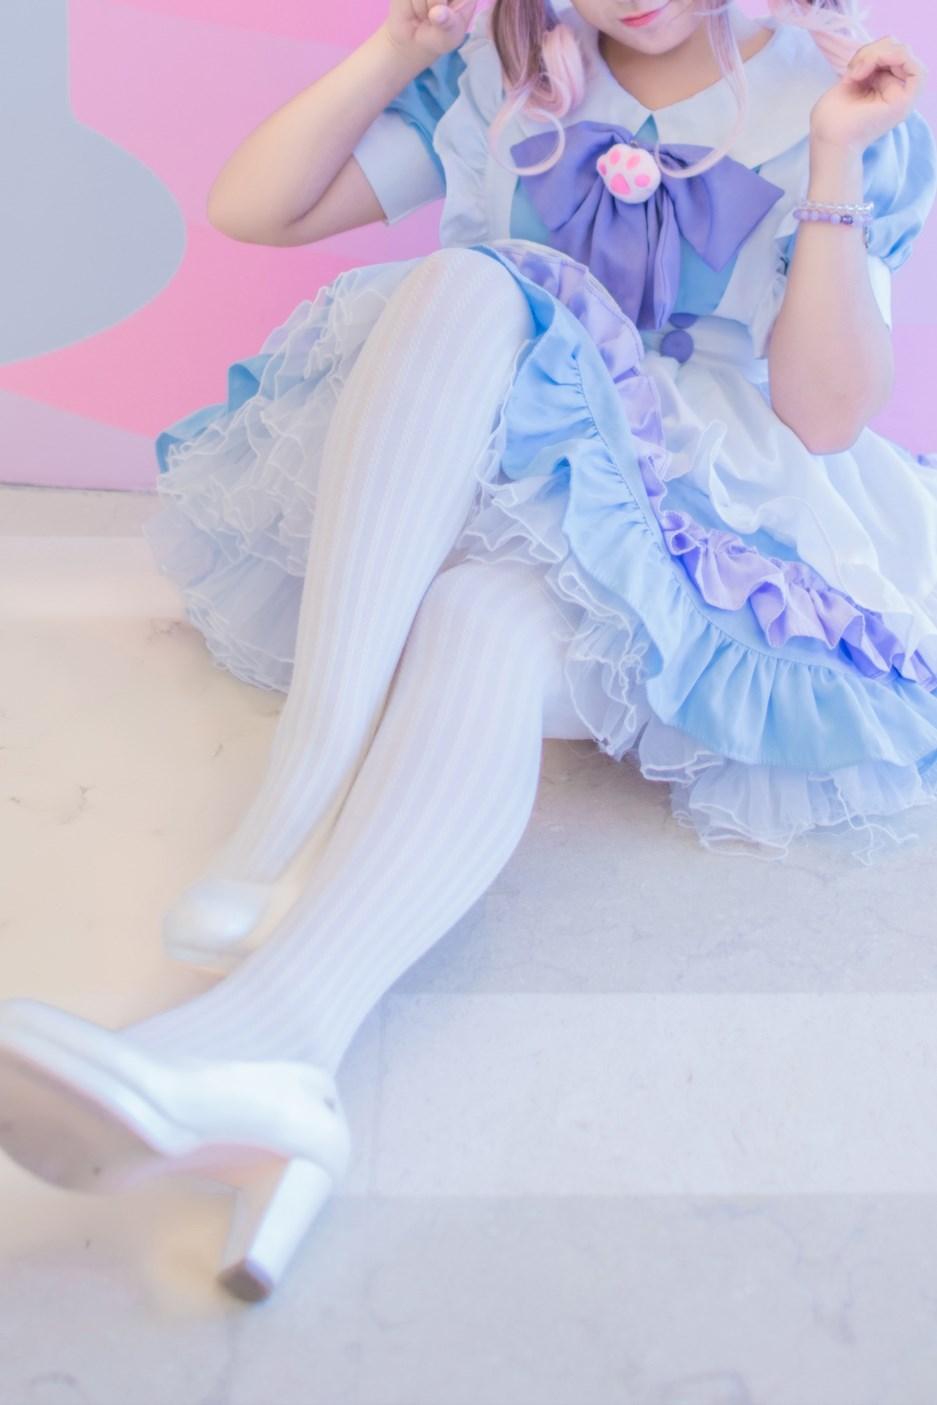 【兔玩映画】小软裙 兔玩映画 第31张